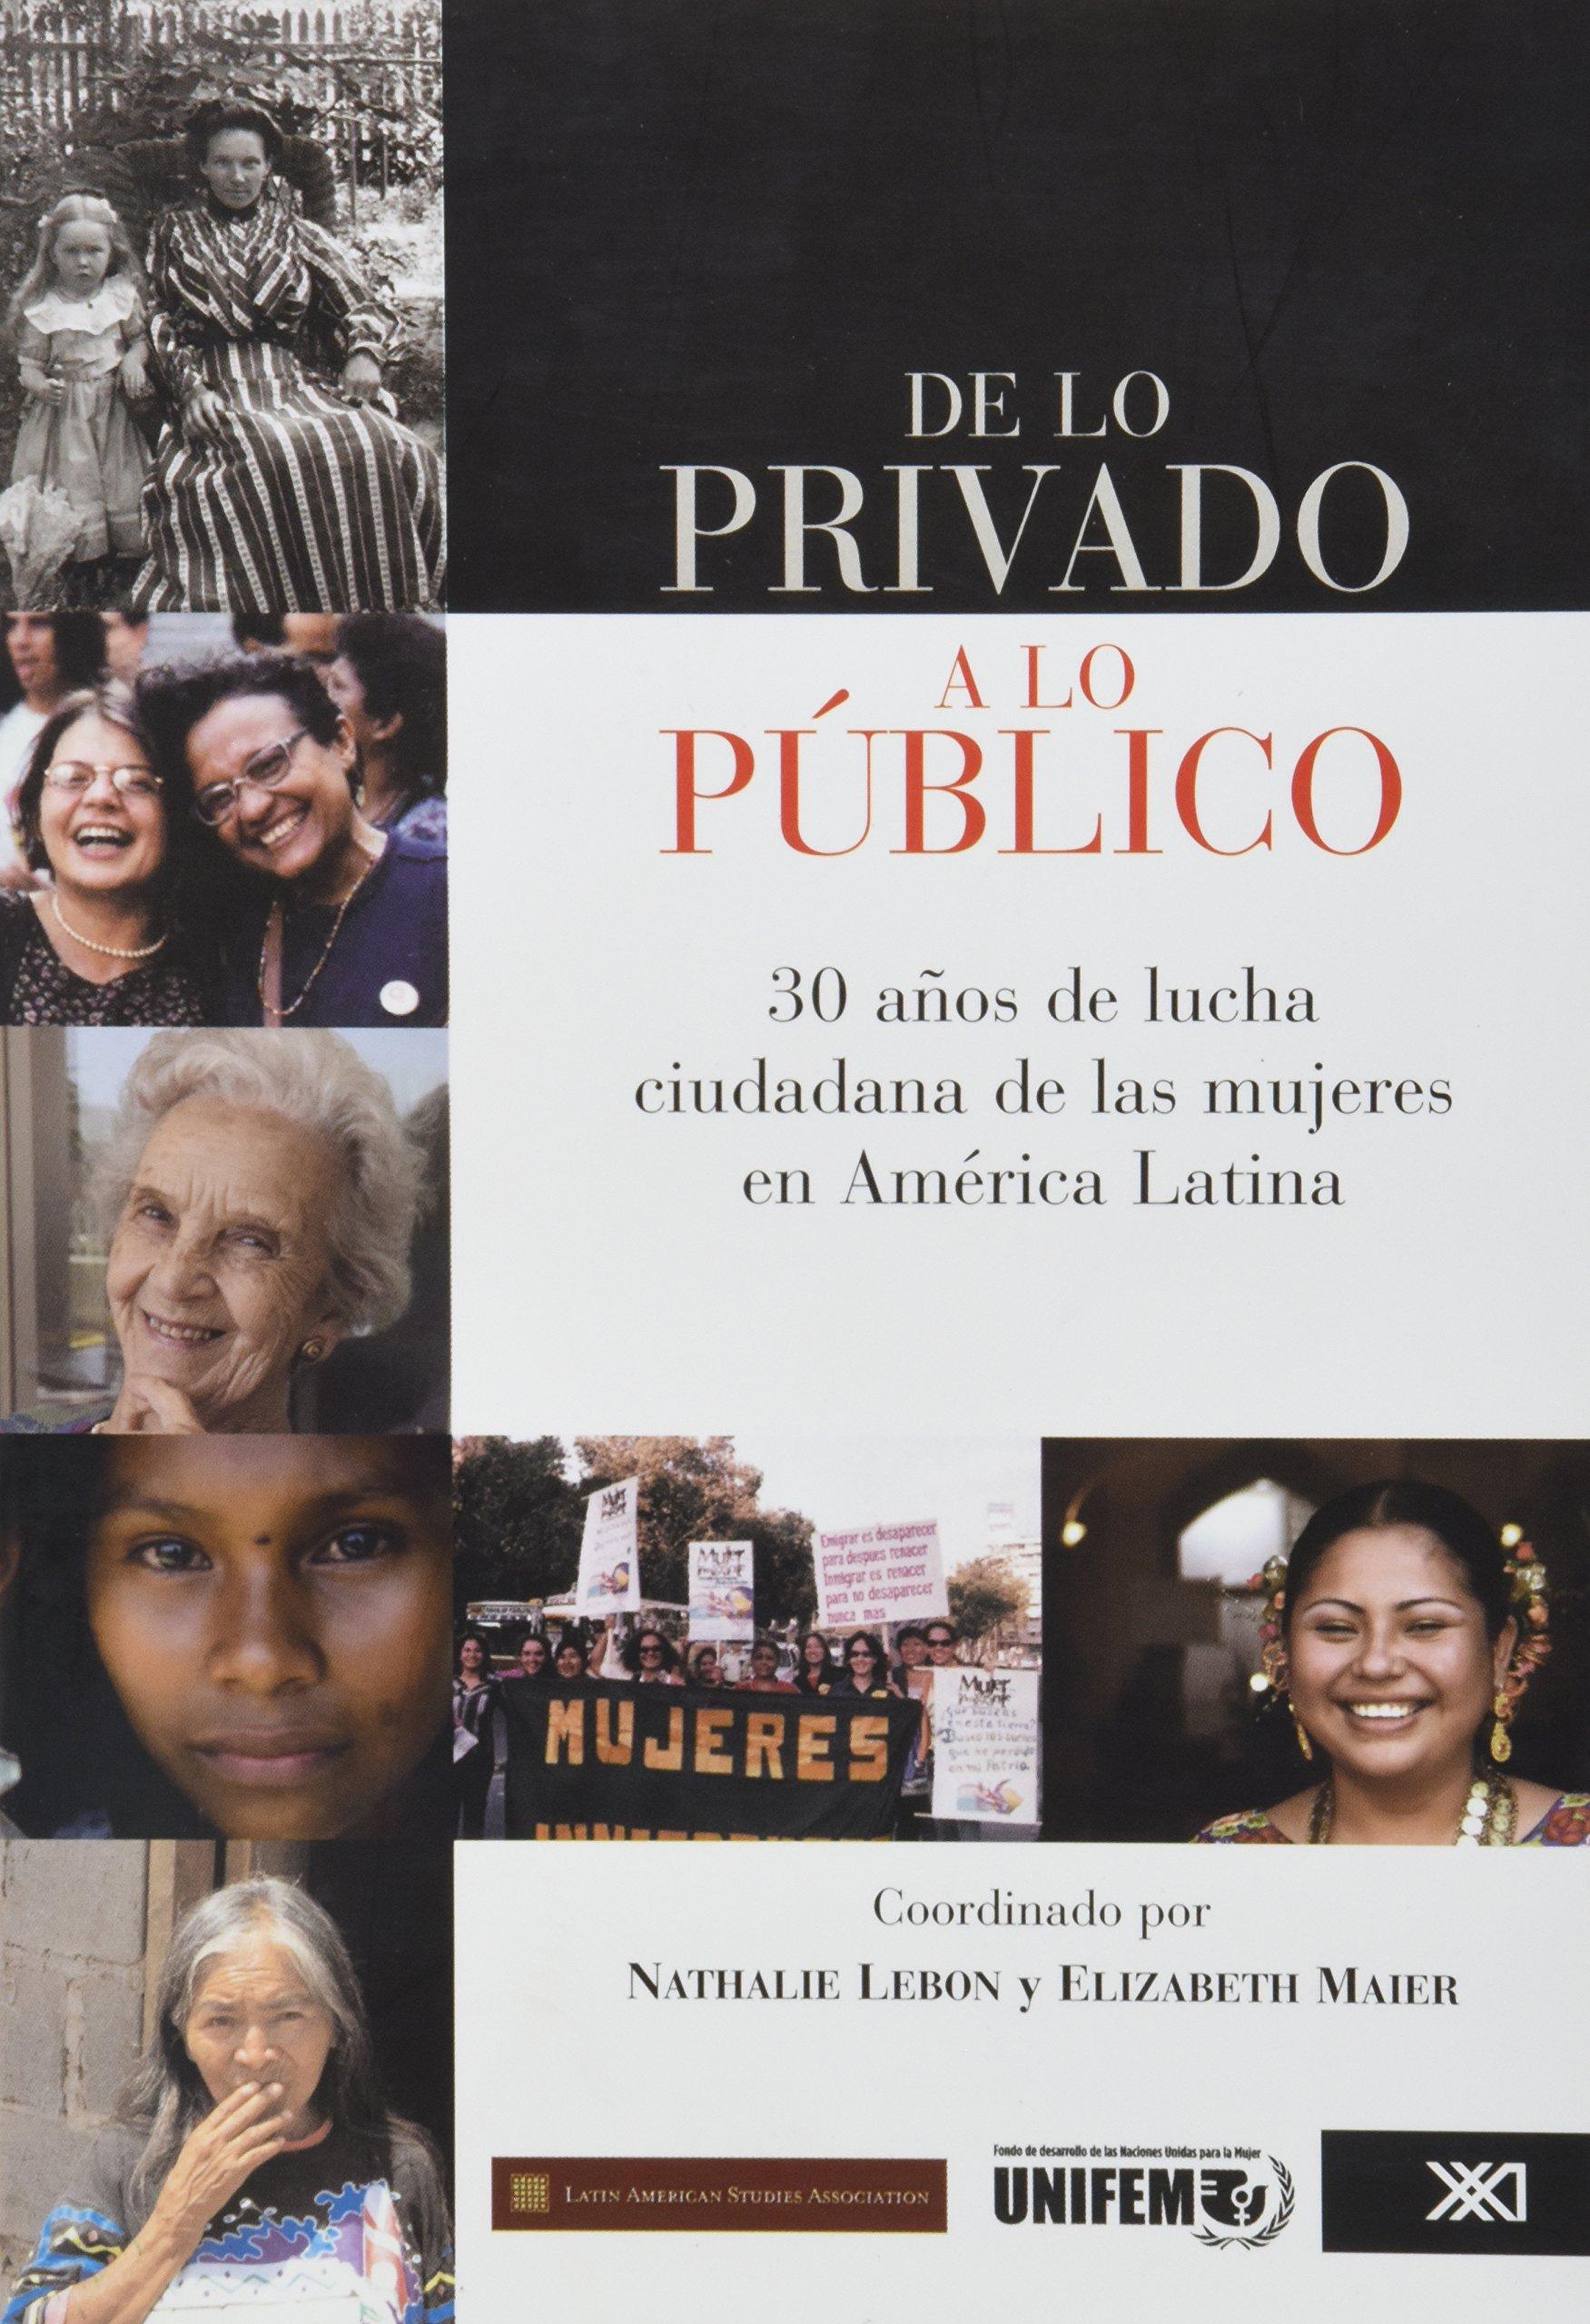 De lo privado a lo público: 30 años de lucha ciudadana de las mujeres en América Latina Sociología y política: Amazon.es: Lebon, Nathalie, Maier, Elizabeth, Martínez Passarge, María Luisa: Libros